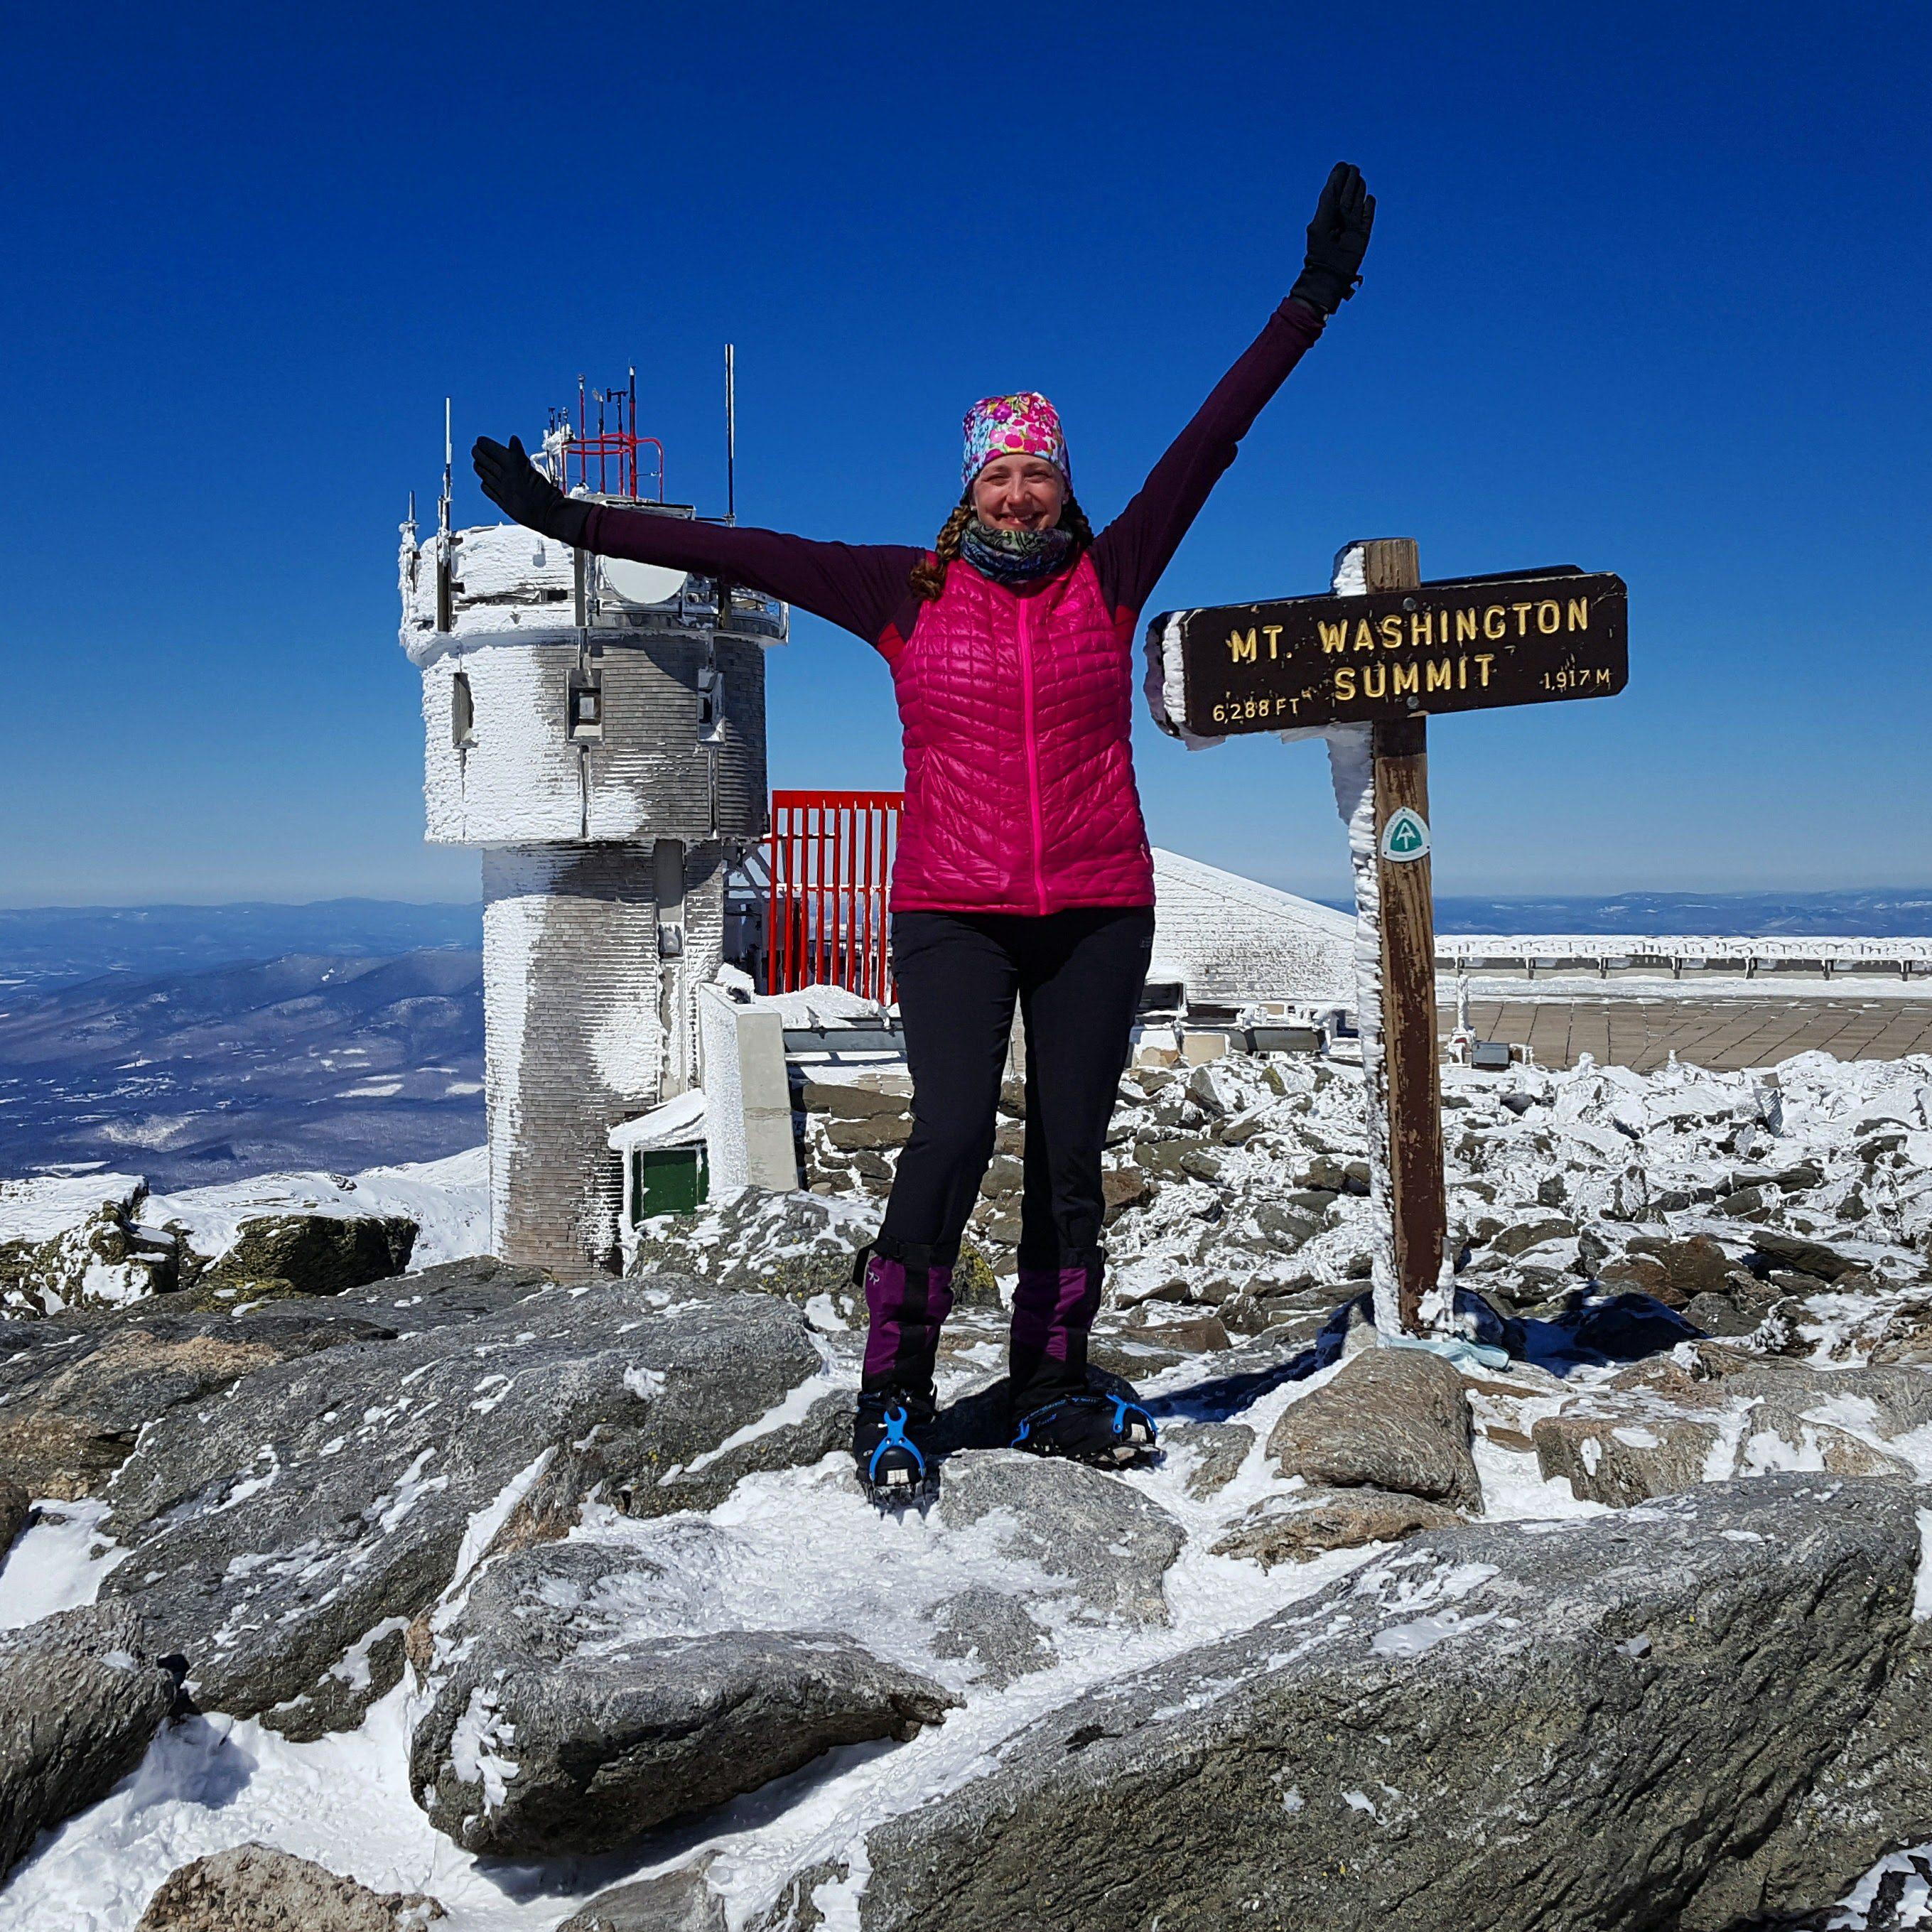 Mount Washington Winter Summit